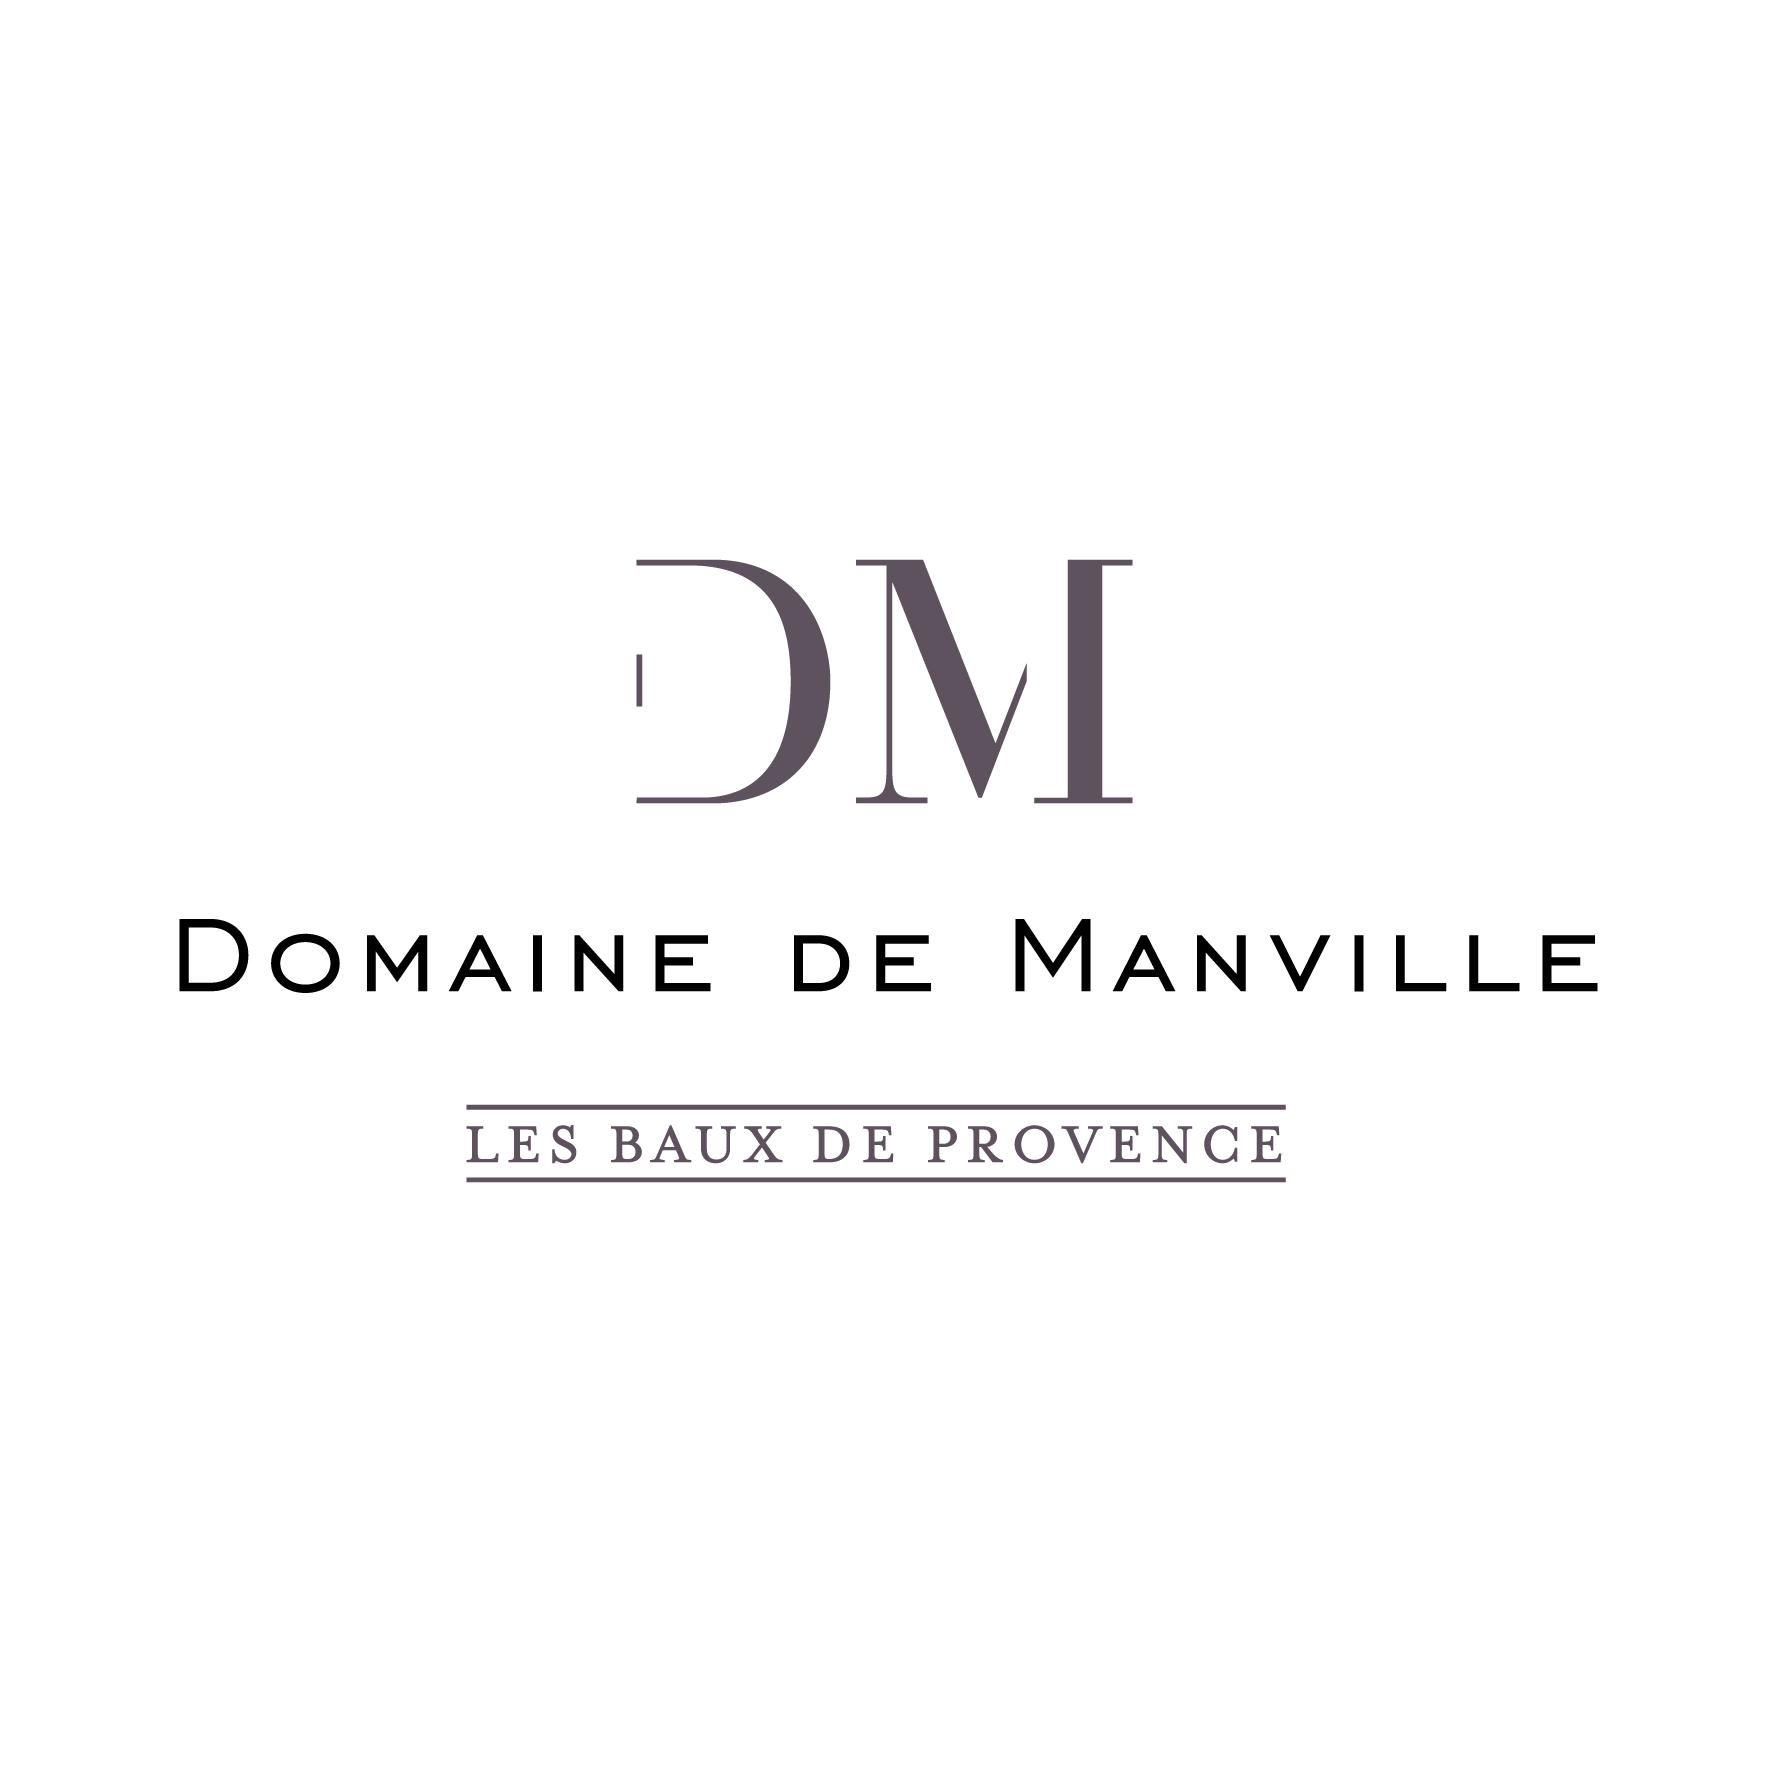 Domaine-de-manville-grand